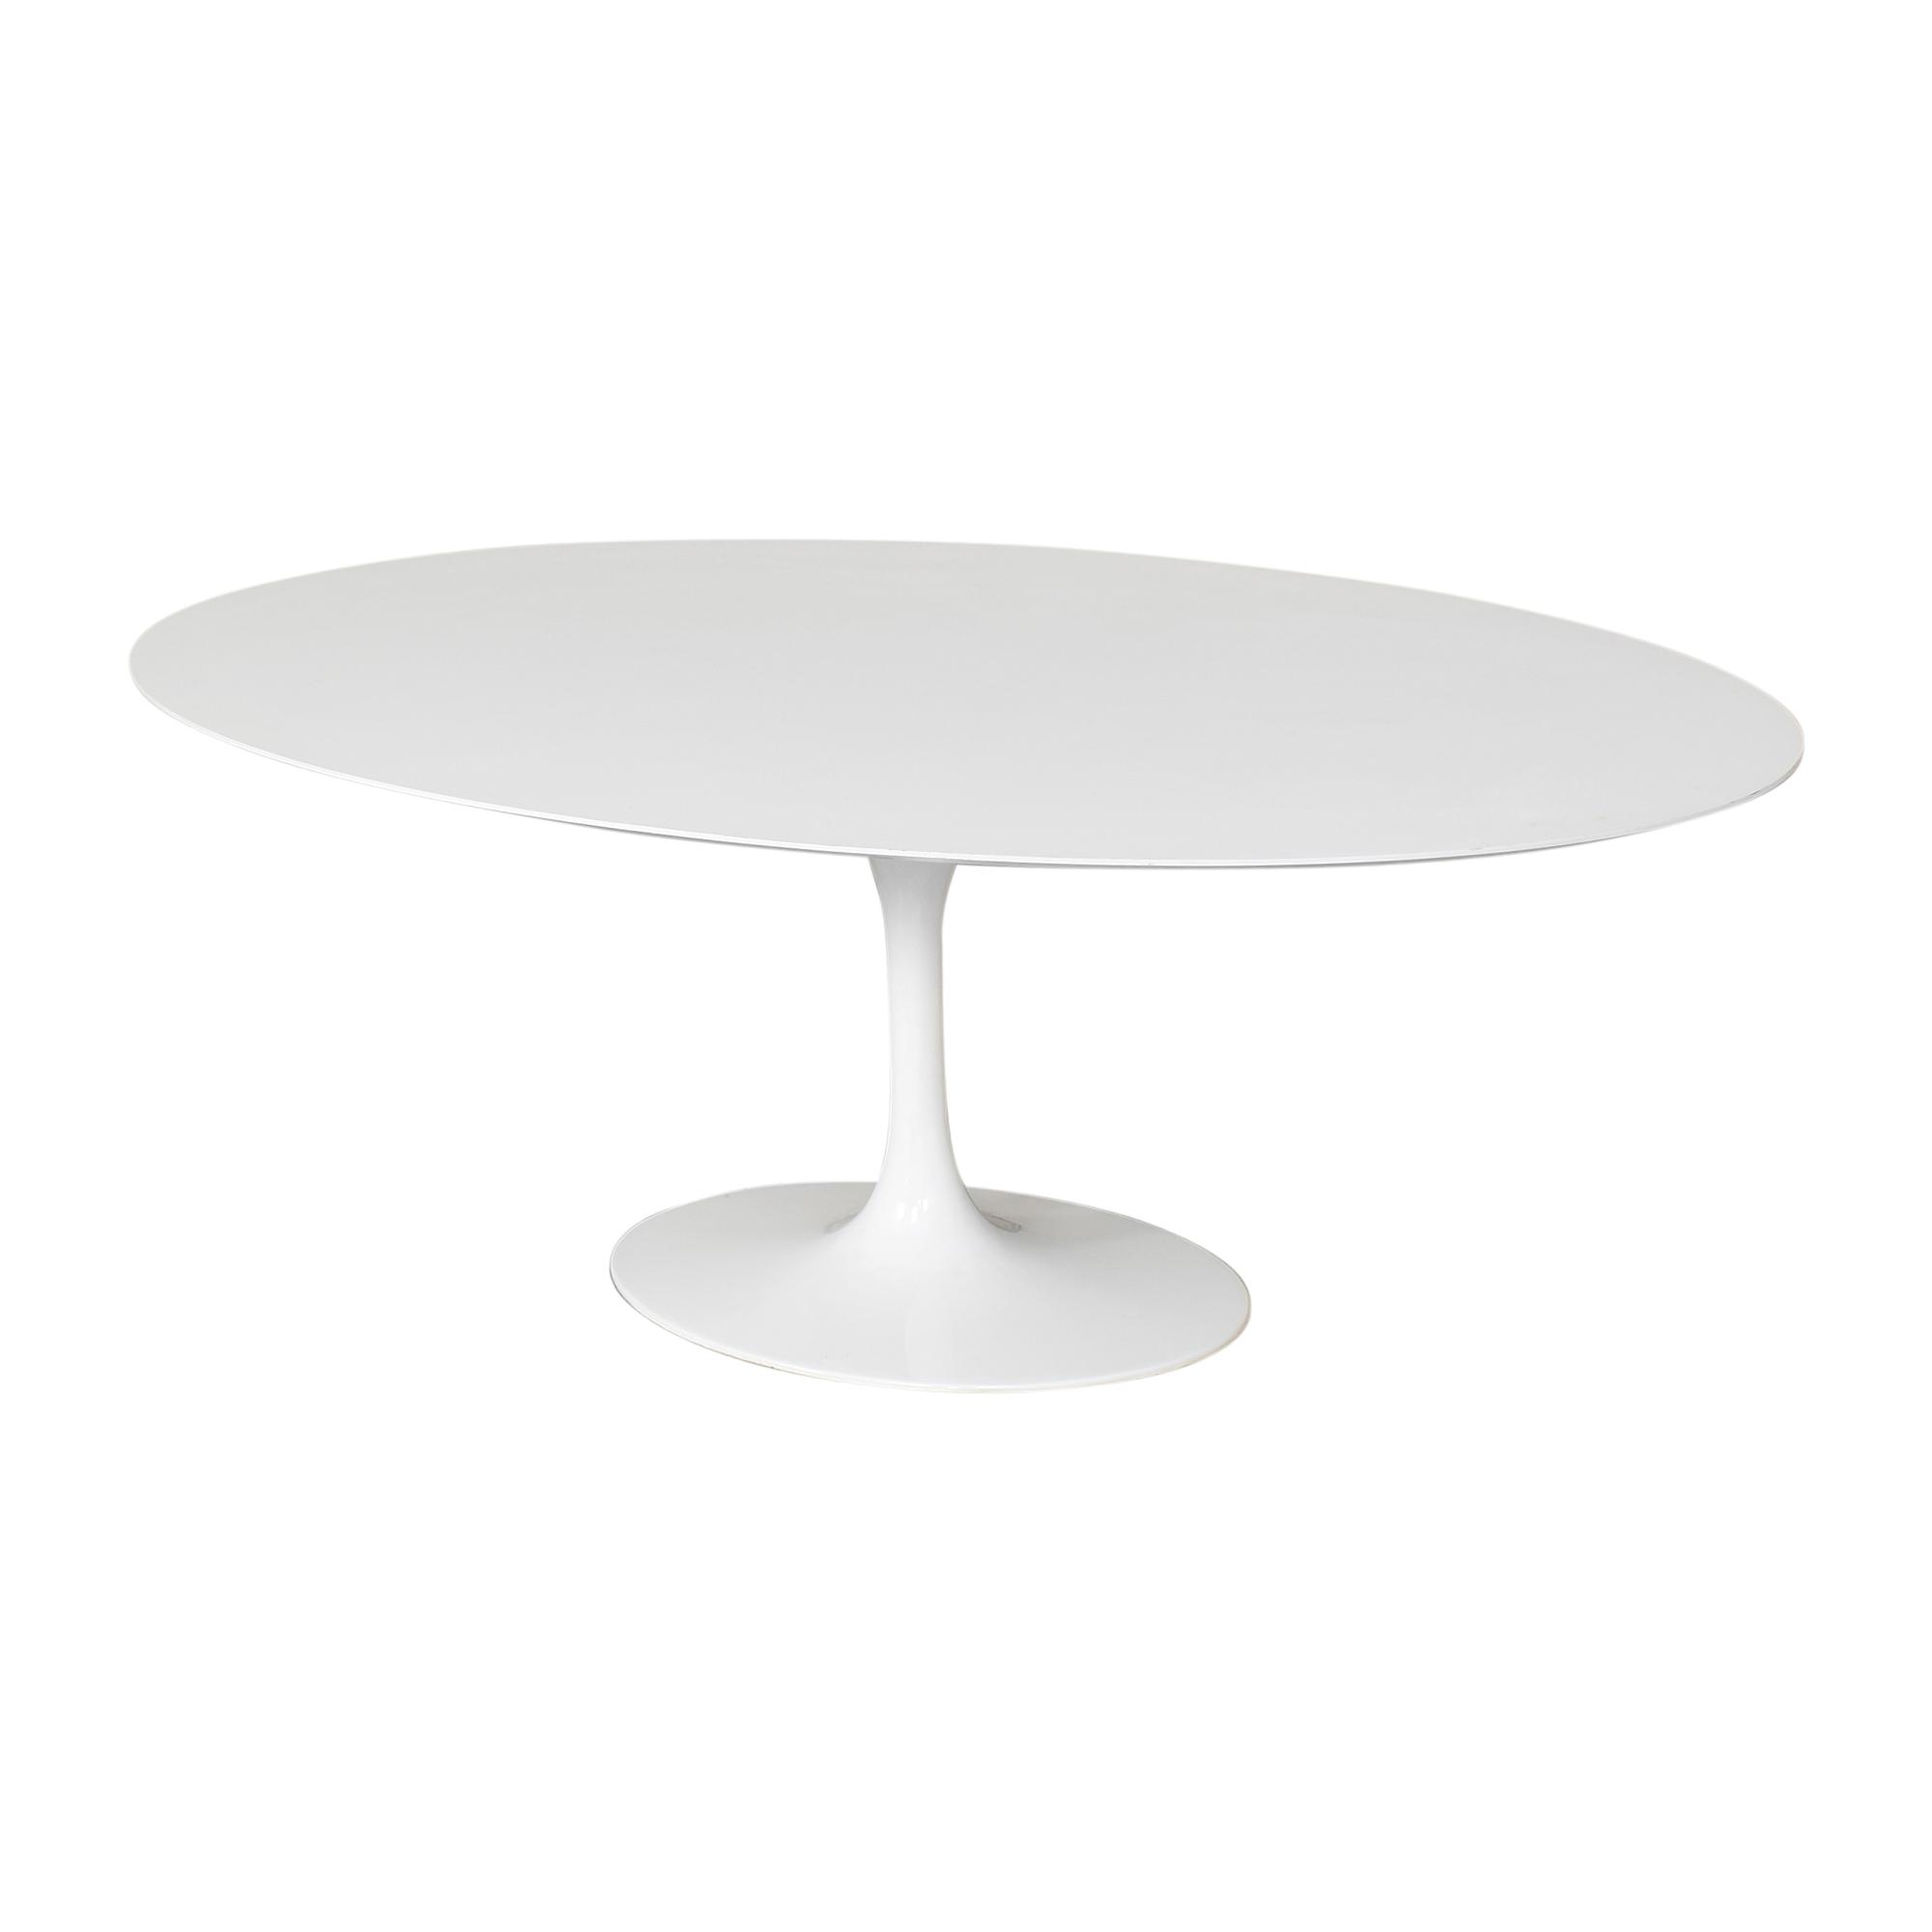 AllModern AllModern Bromyard Oval Dining Table Tables